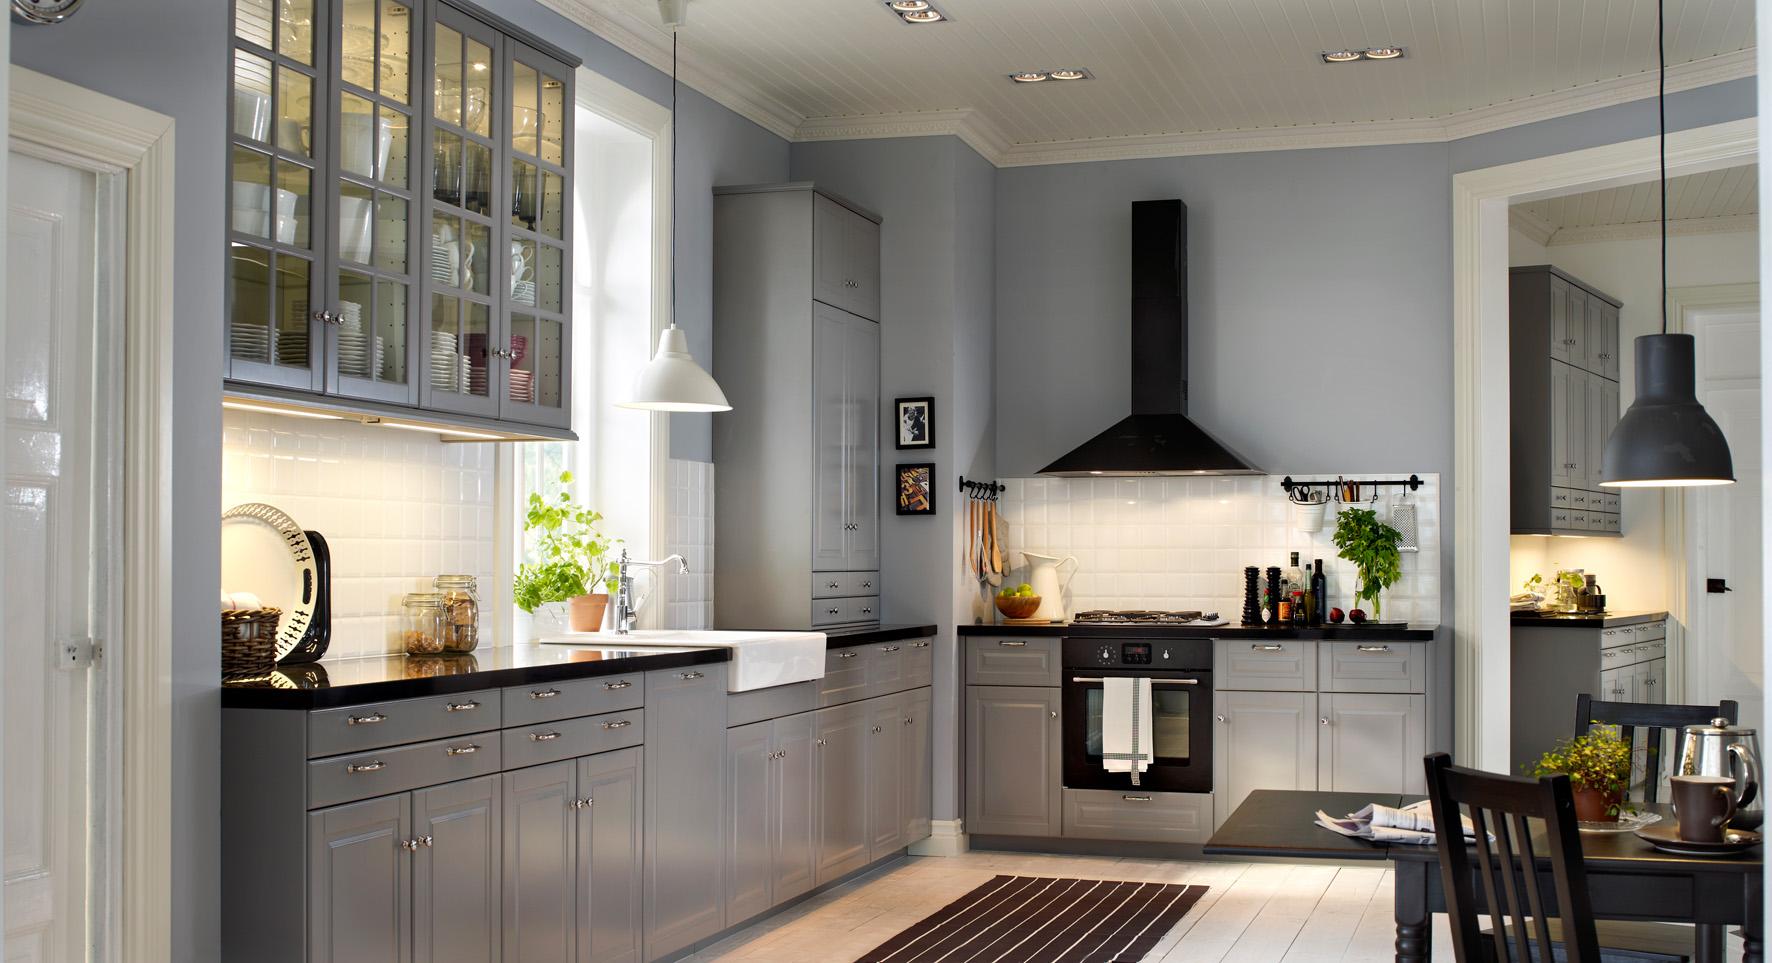 Кухня икеа в интерьере фото